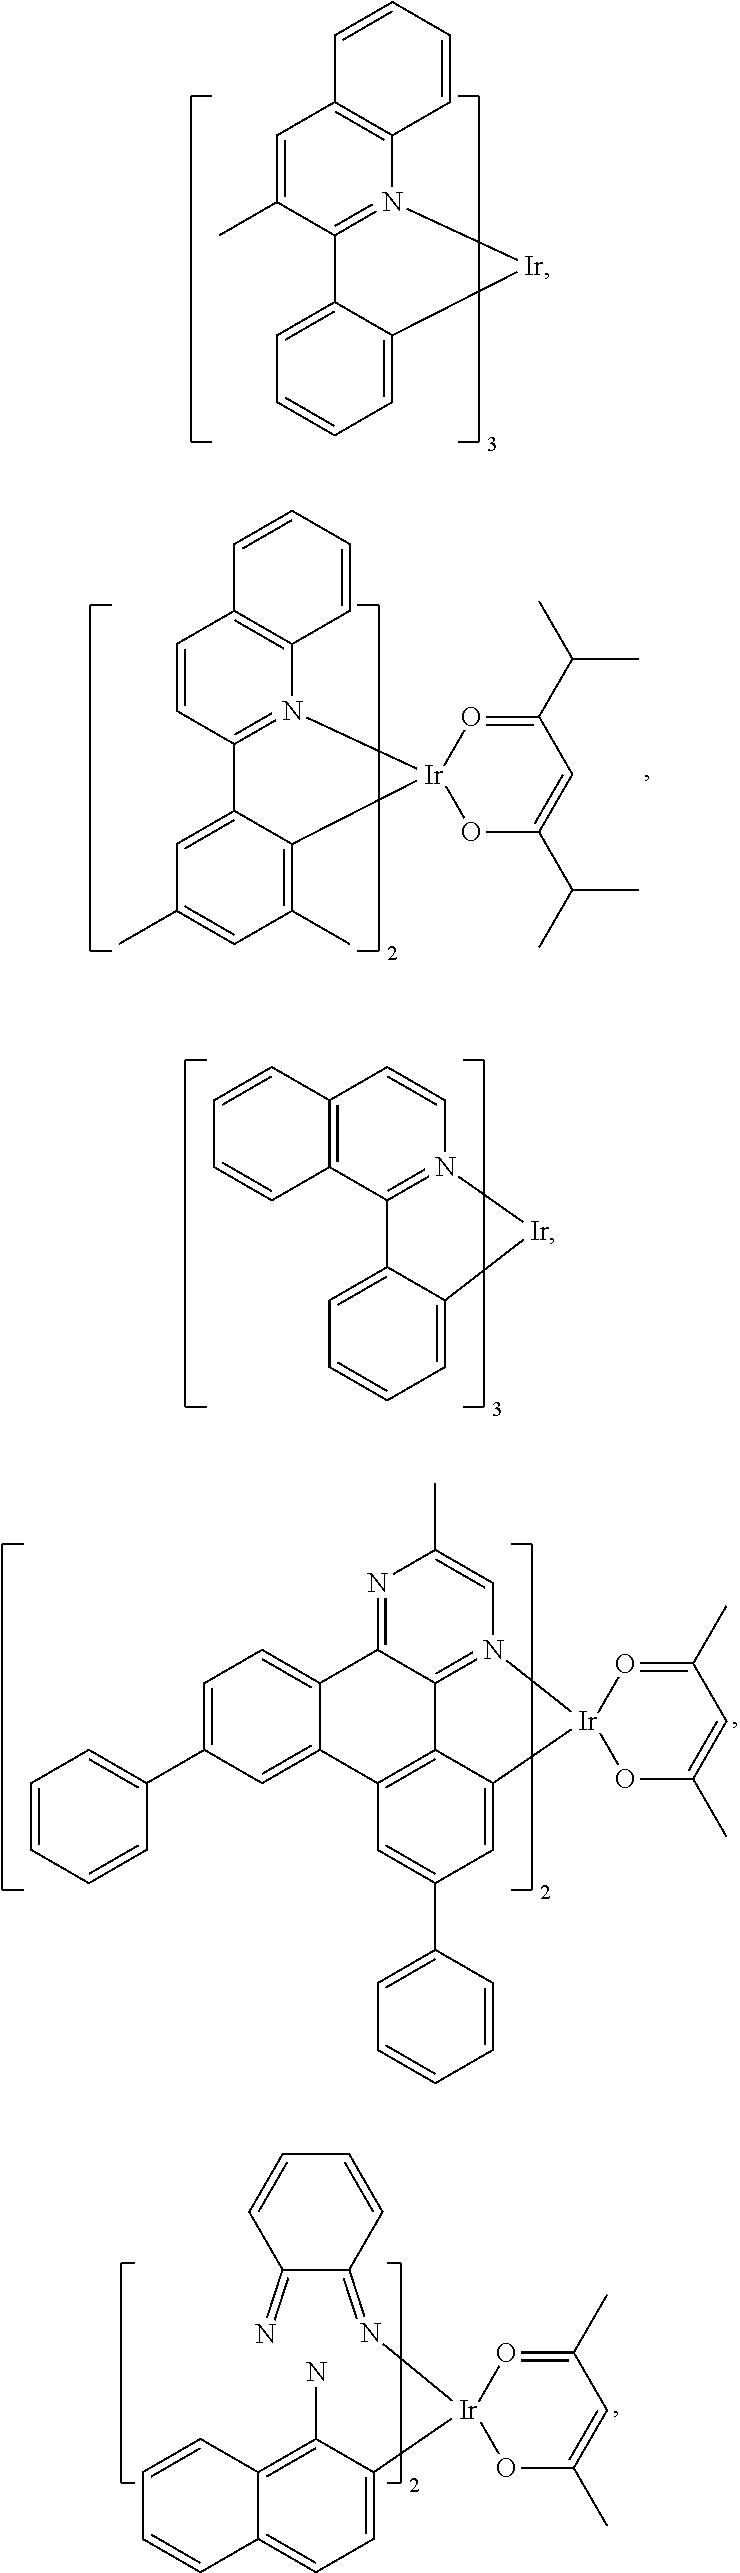 Figure US09978956-20180522-C00073